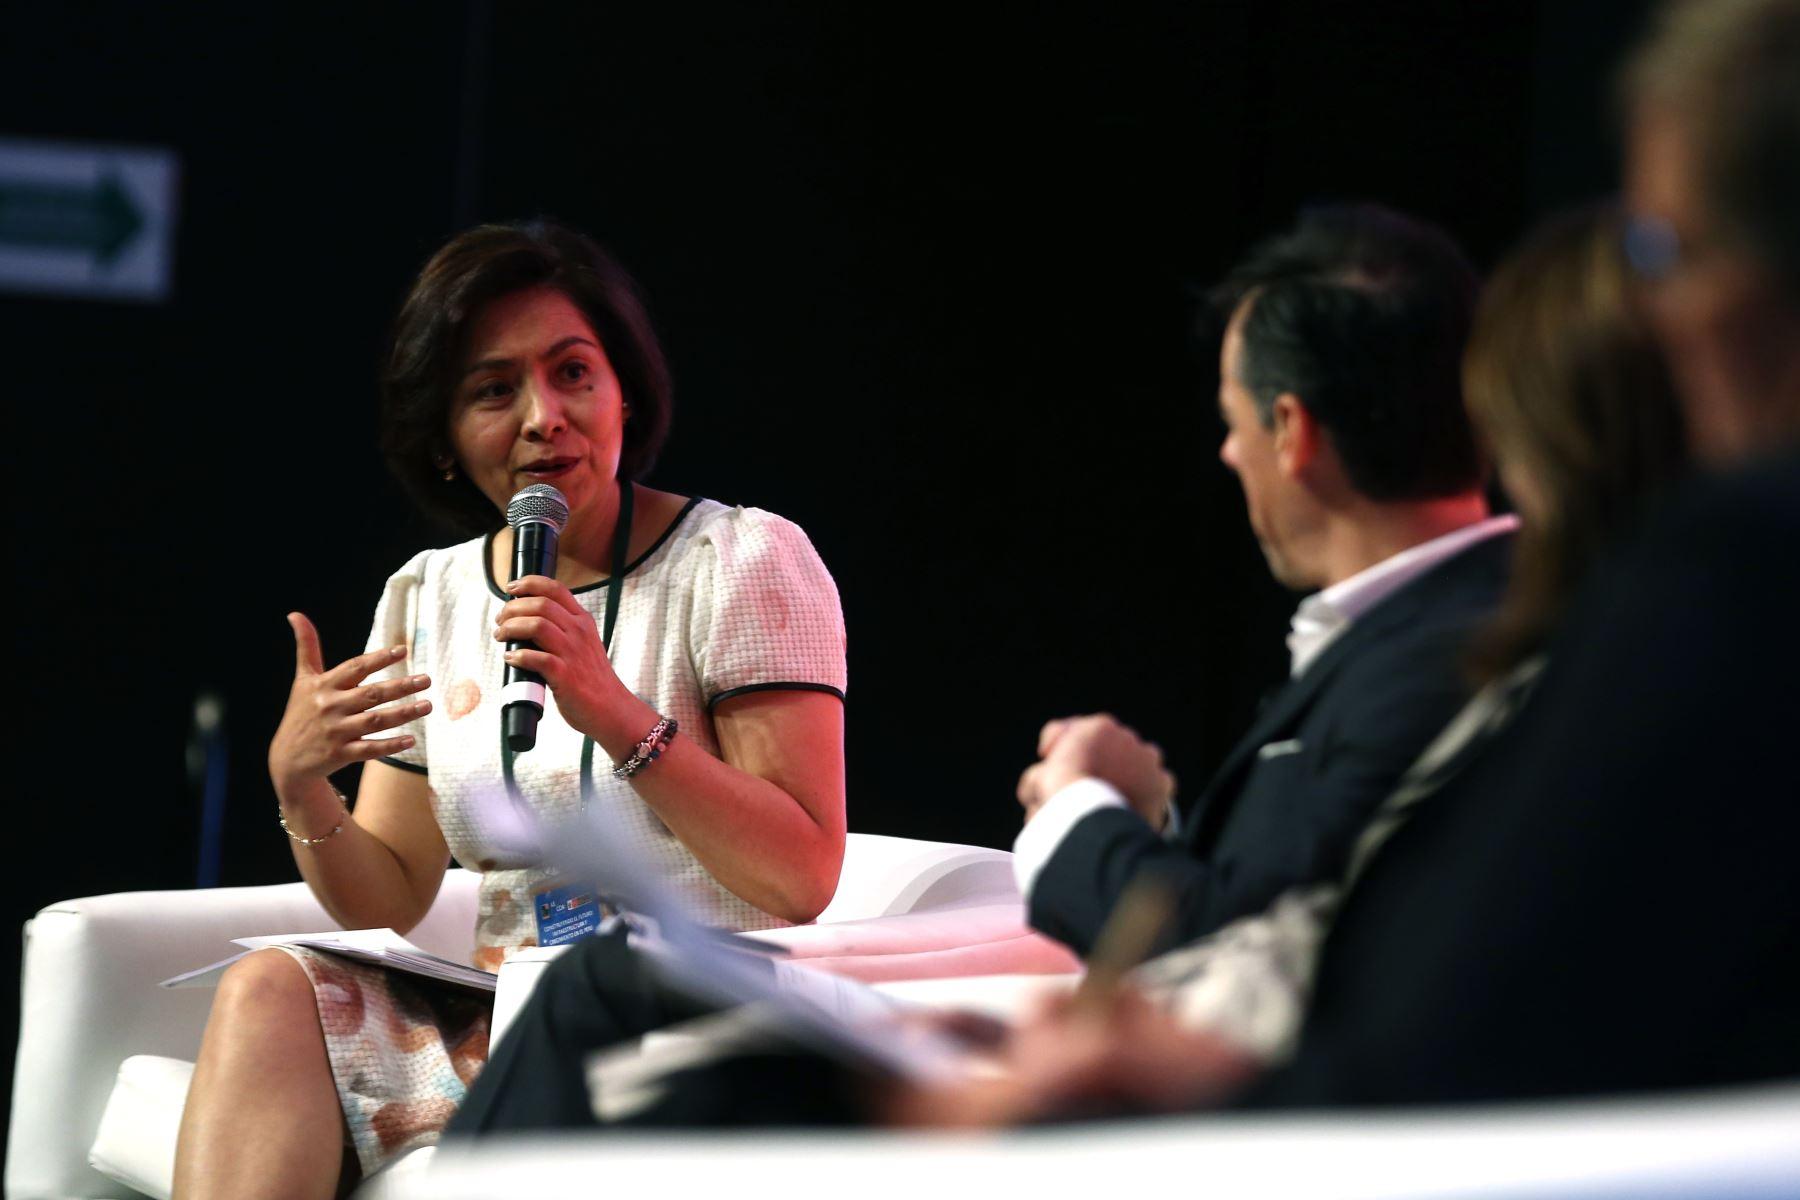 Viviana Caro, representante del Banco Interamericano de desarrollo (BID) en el Perú, expone construyendo el Futuro Infraestructura y crecimiento en el Perú. Foto: ANDINA/Vidal Tarqui